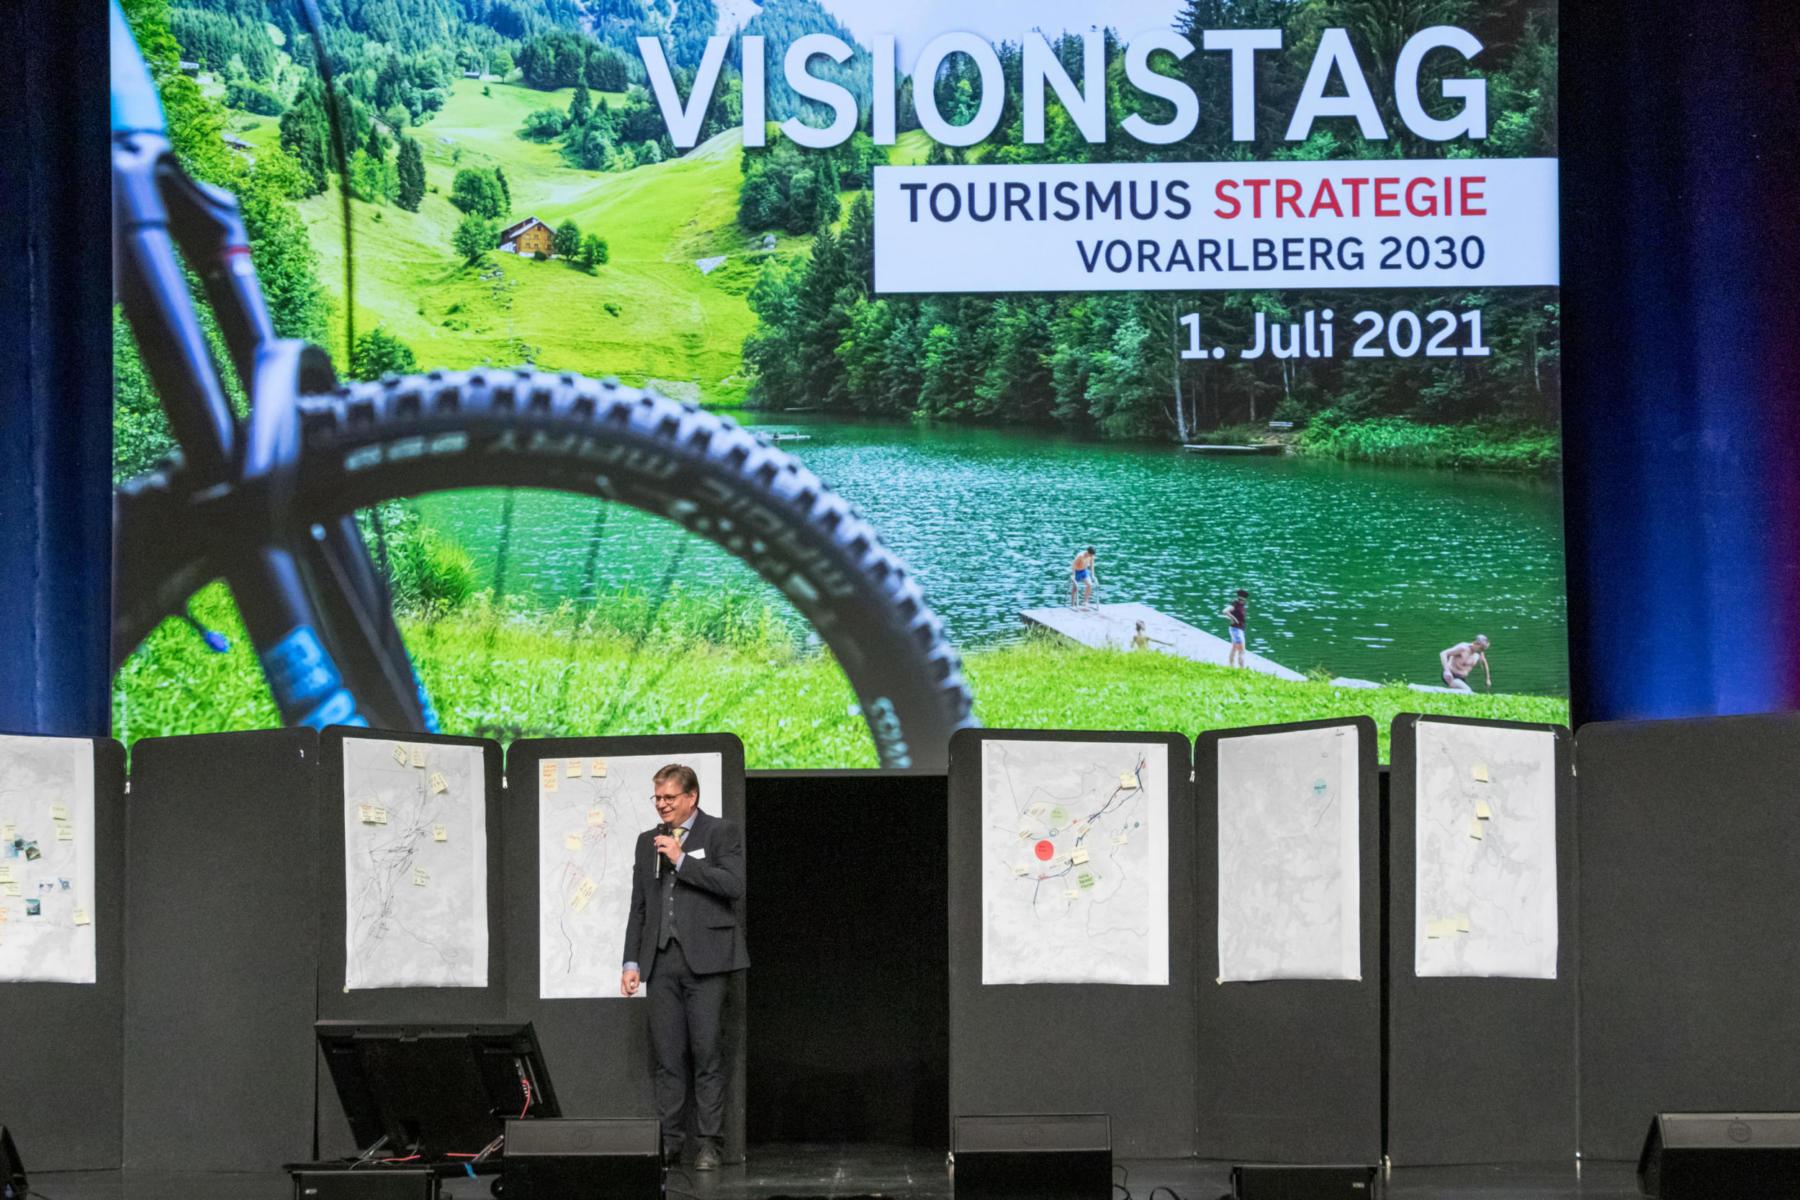 """Panograf 20210701 010 1800x1200 - Visionstag der Vorarlberger Tourismus-Branche: """"Tourismus neu denken"""""""